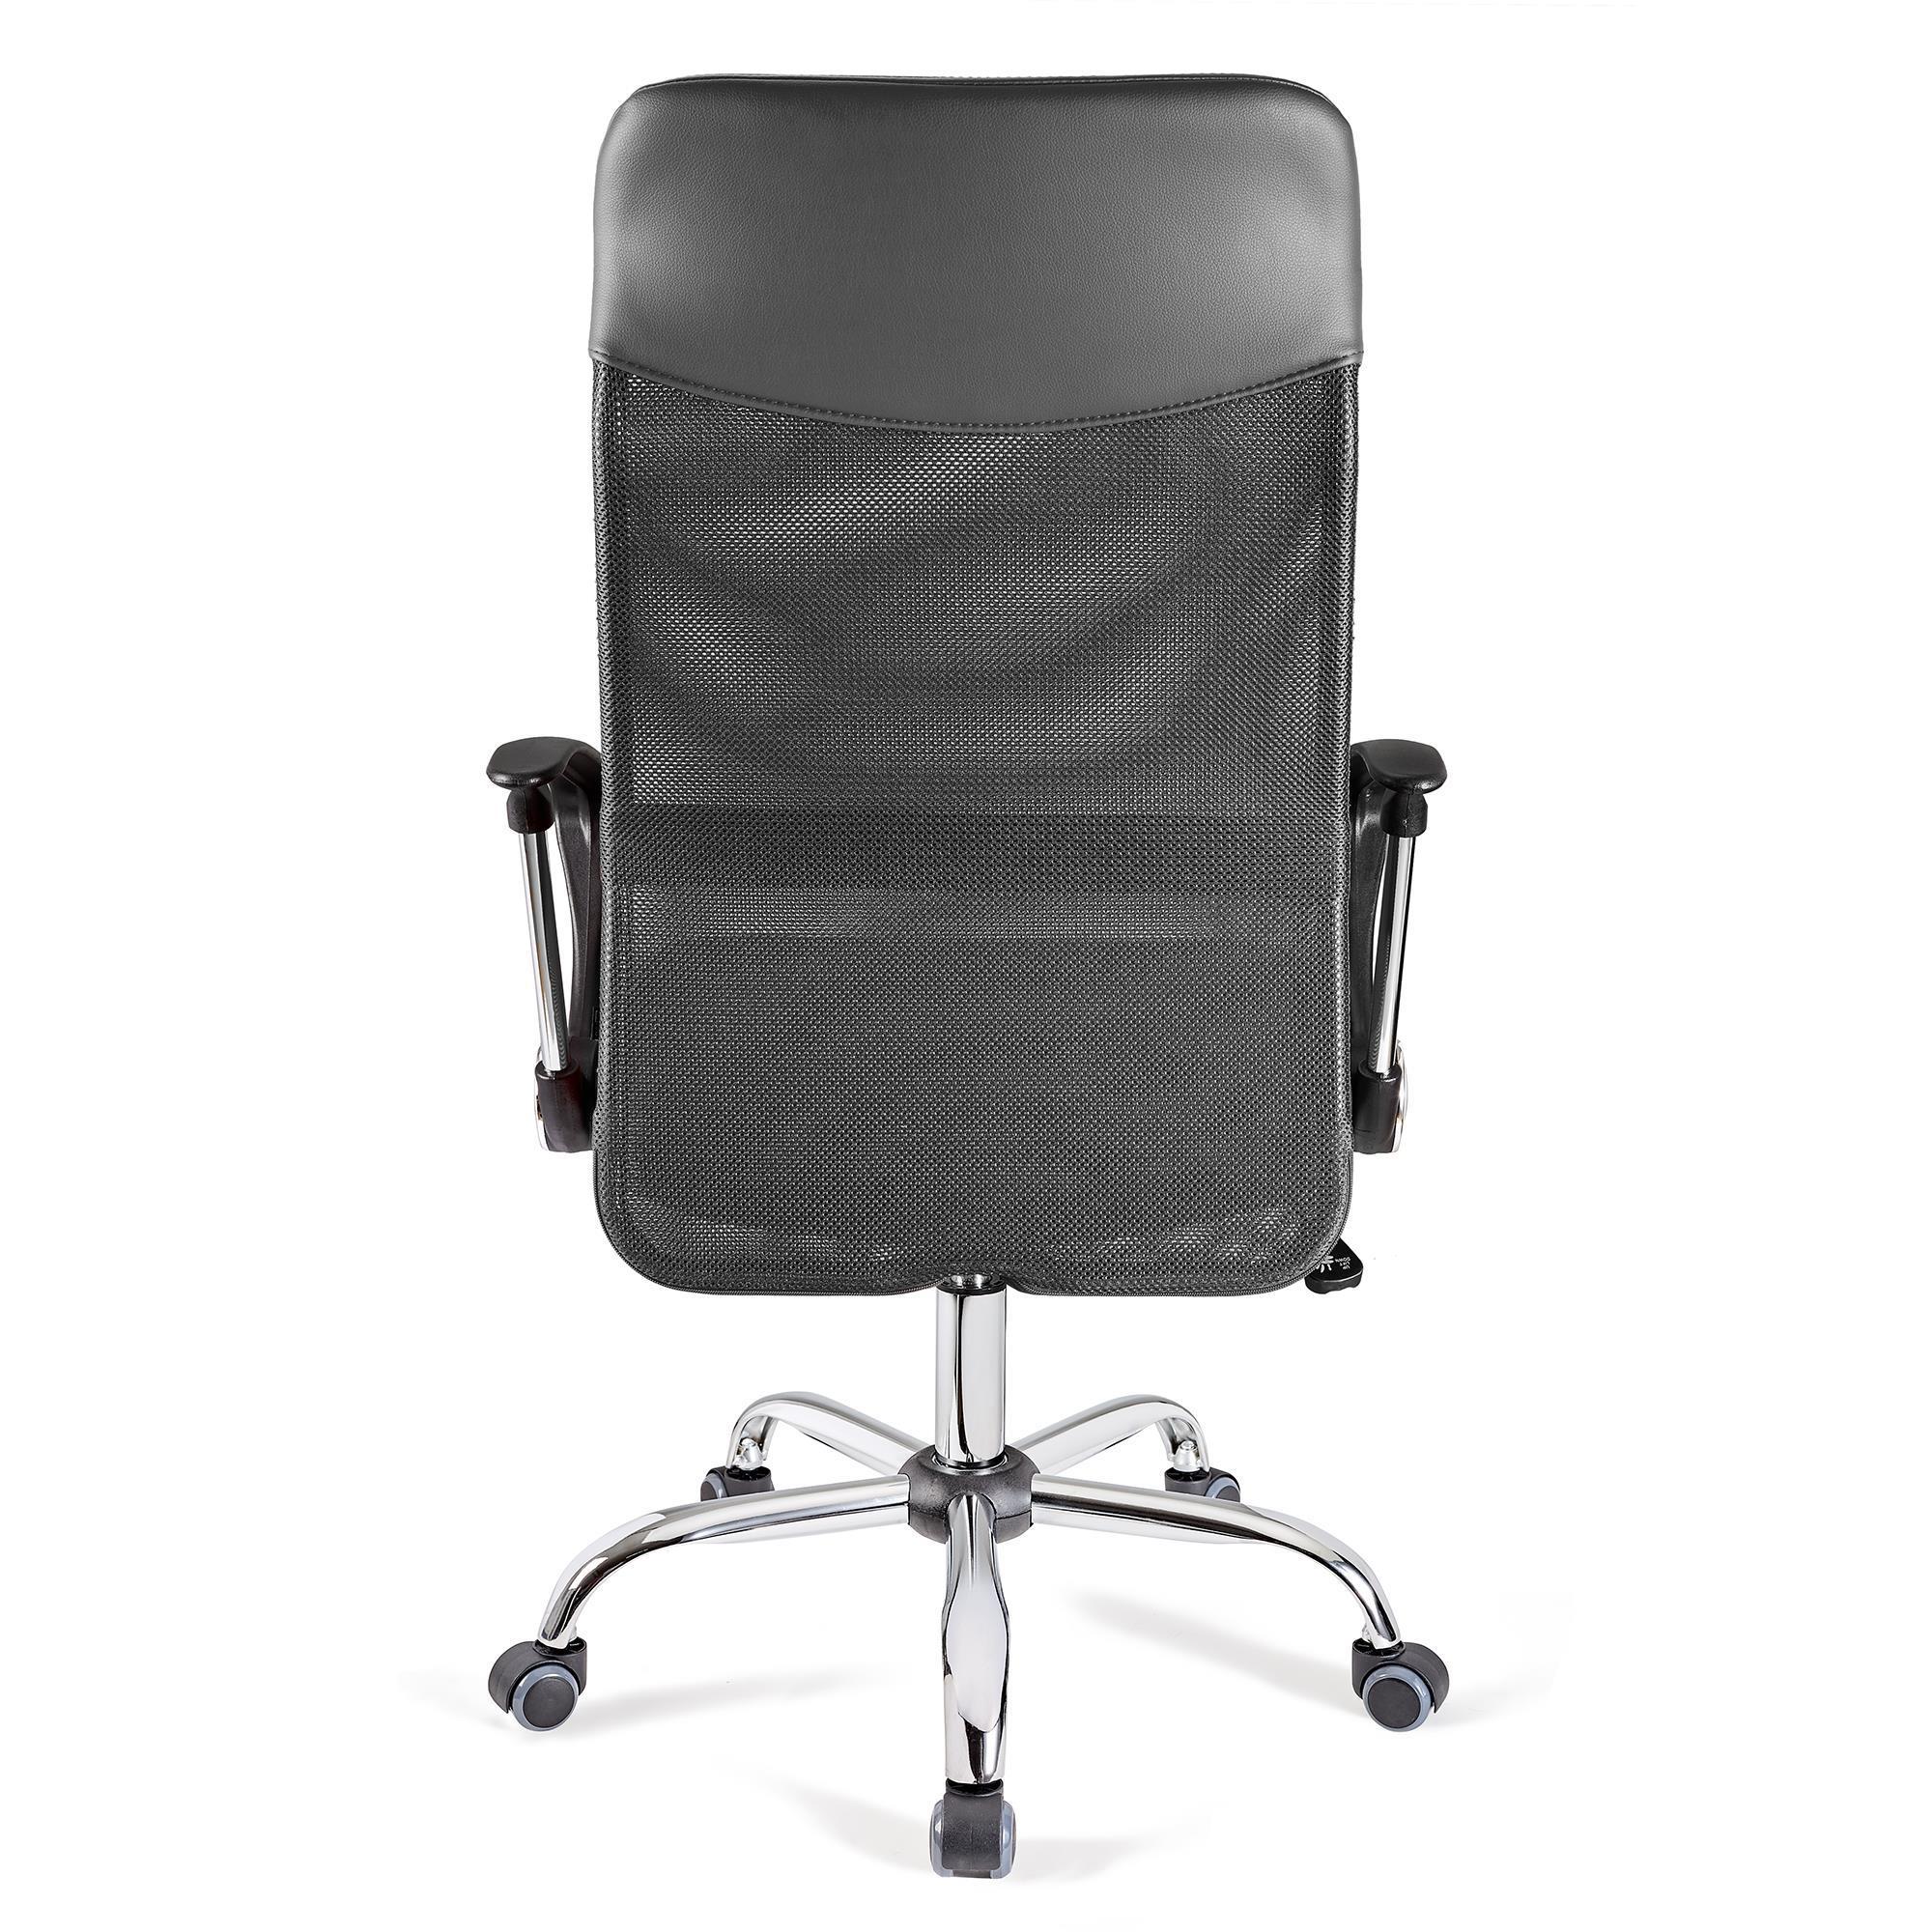 Sedia ufficio aspen rete traspirante e sedile imbottito for Sedia ufficio xxl